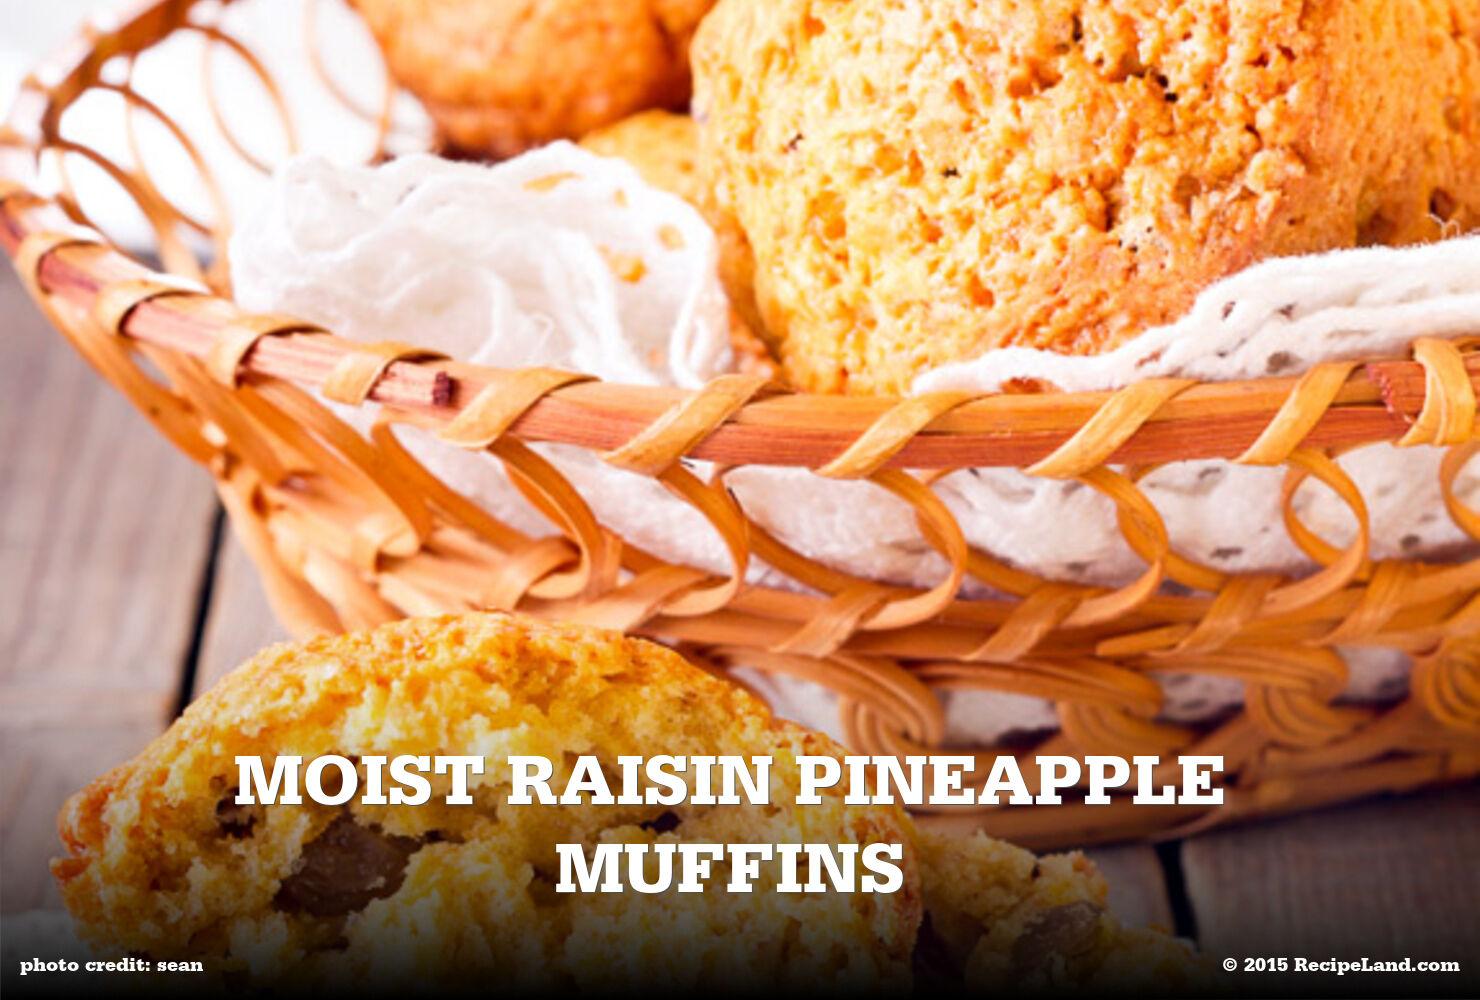 Moist Raisin Pineapple Muffins